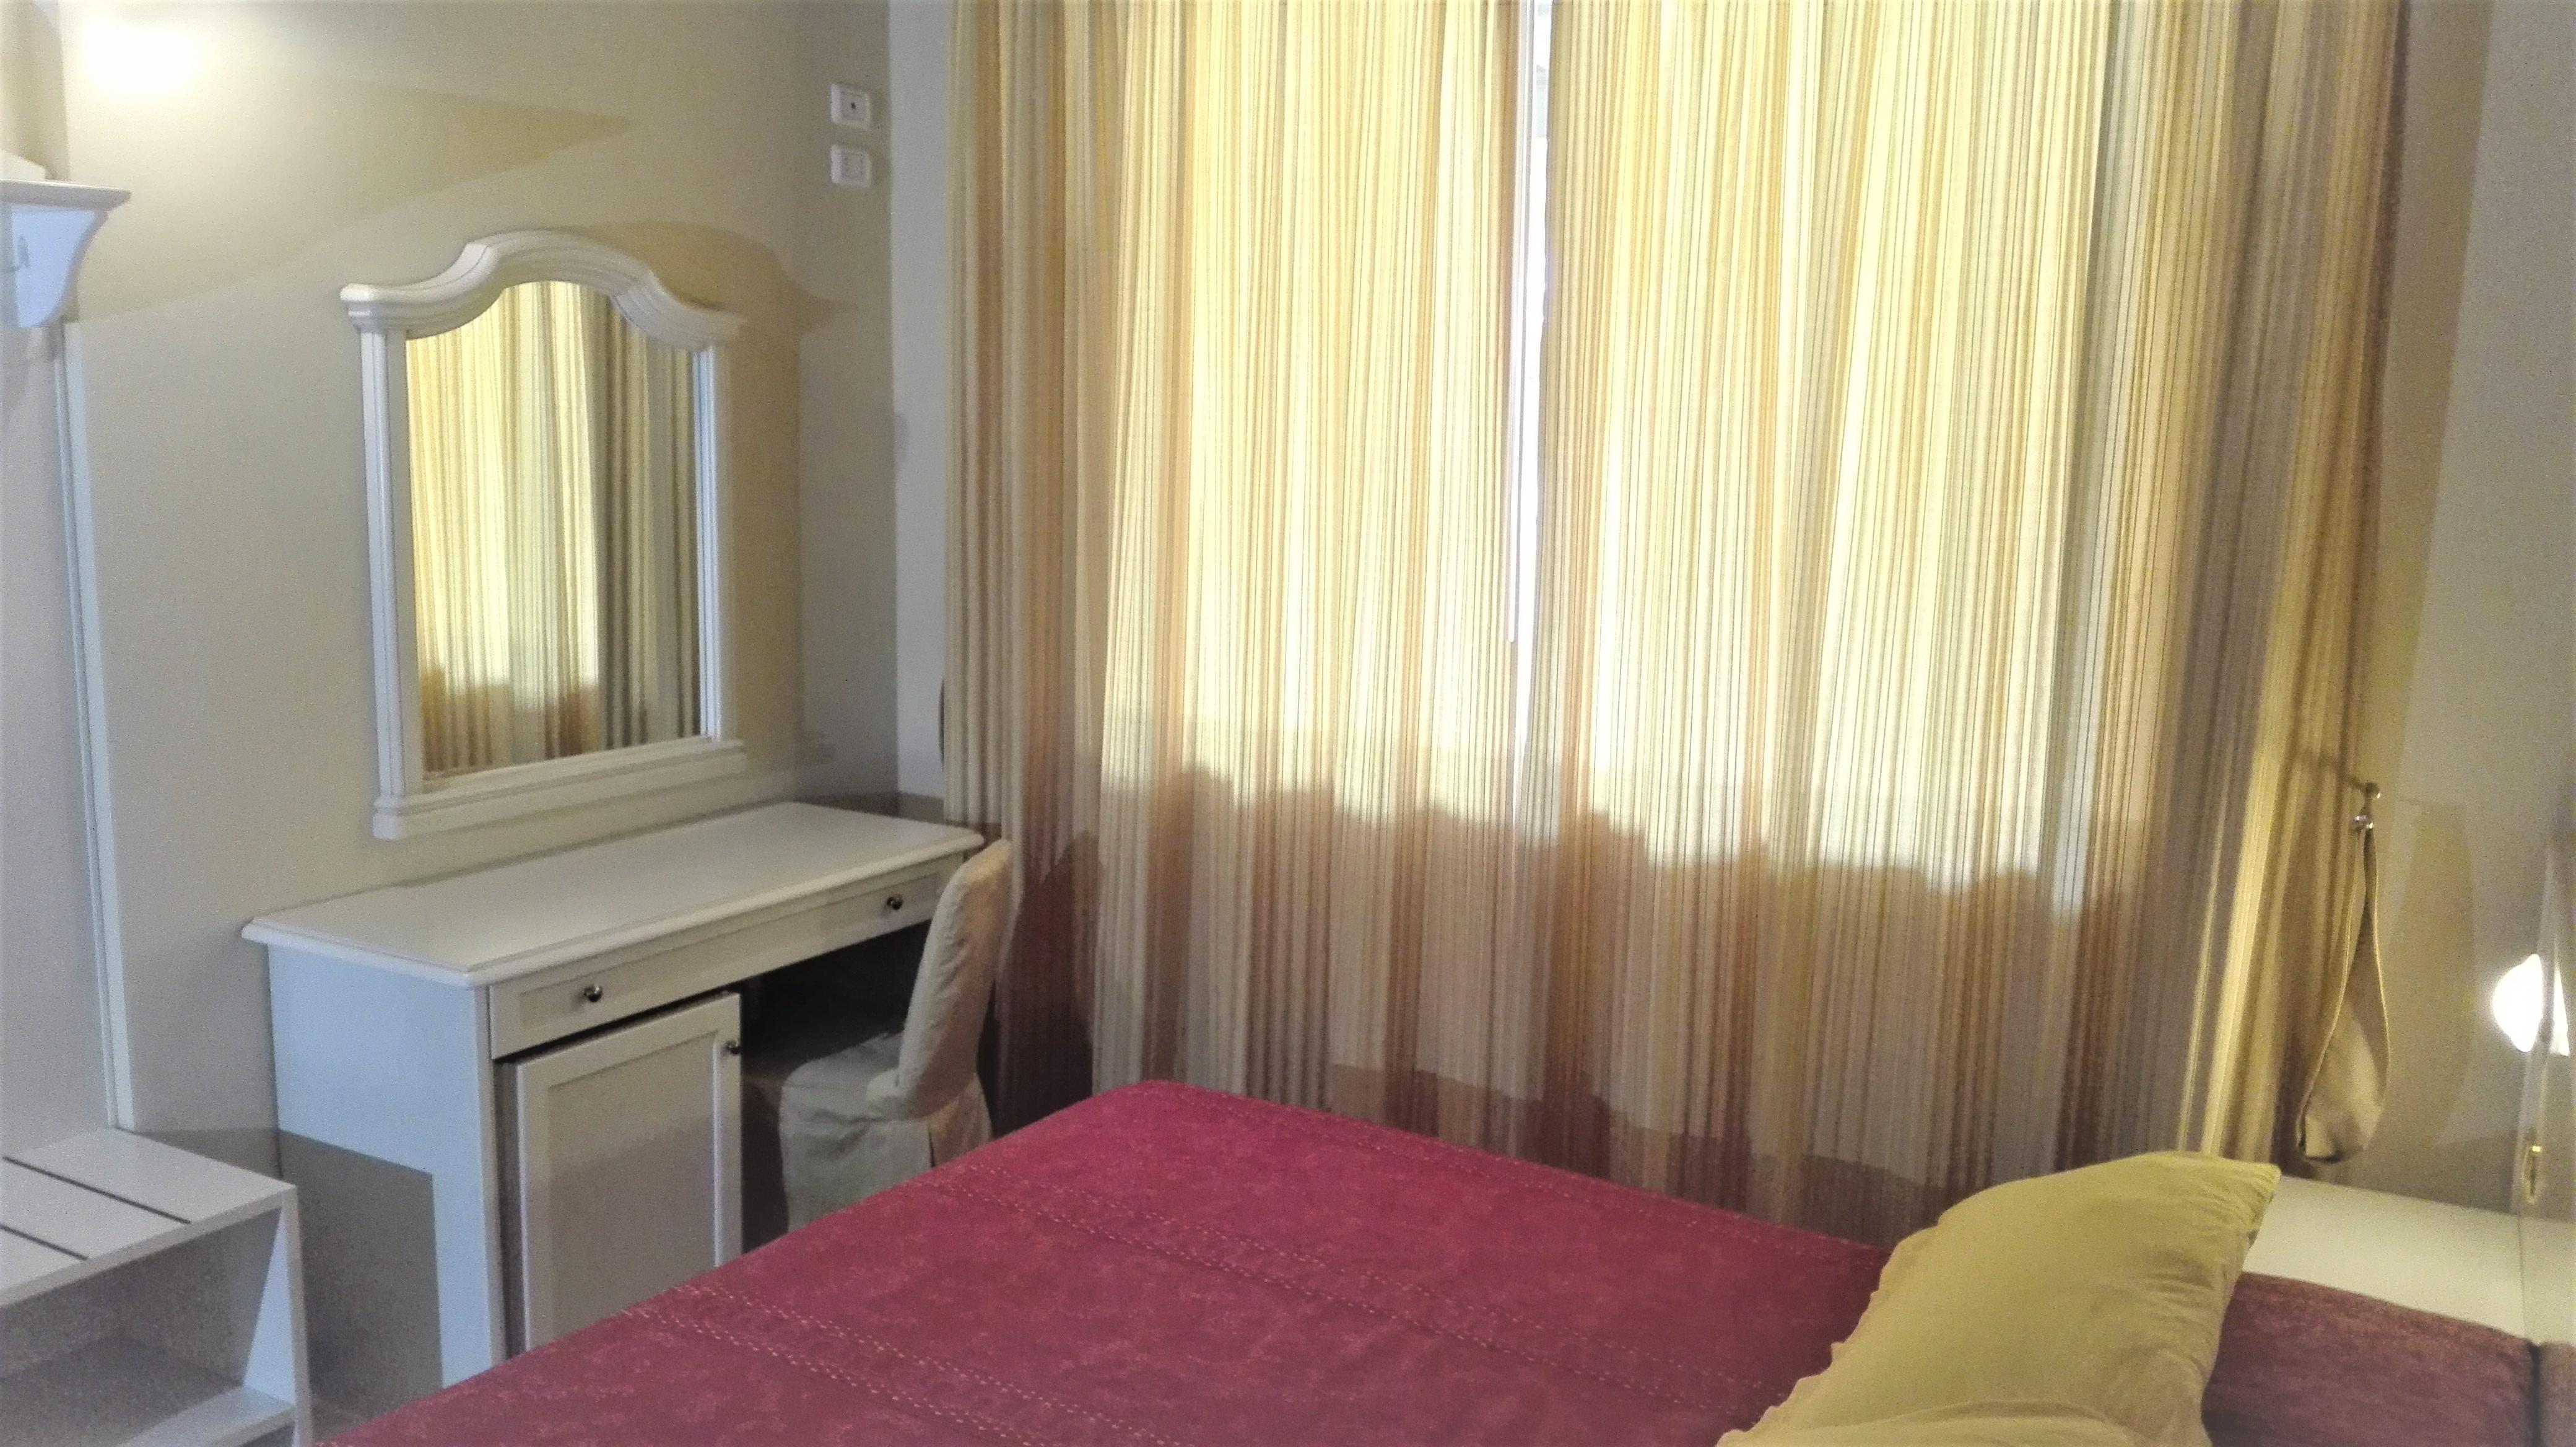 Für einen Urlaub in Manerba, in Komfort, Kaffeemaschine, Kühlschrank, Klimaanlage, Garage